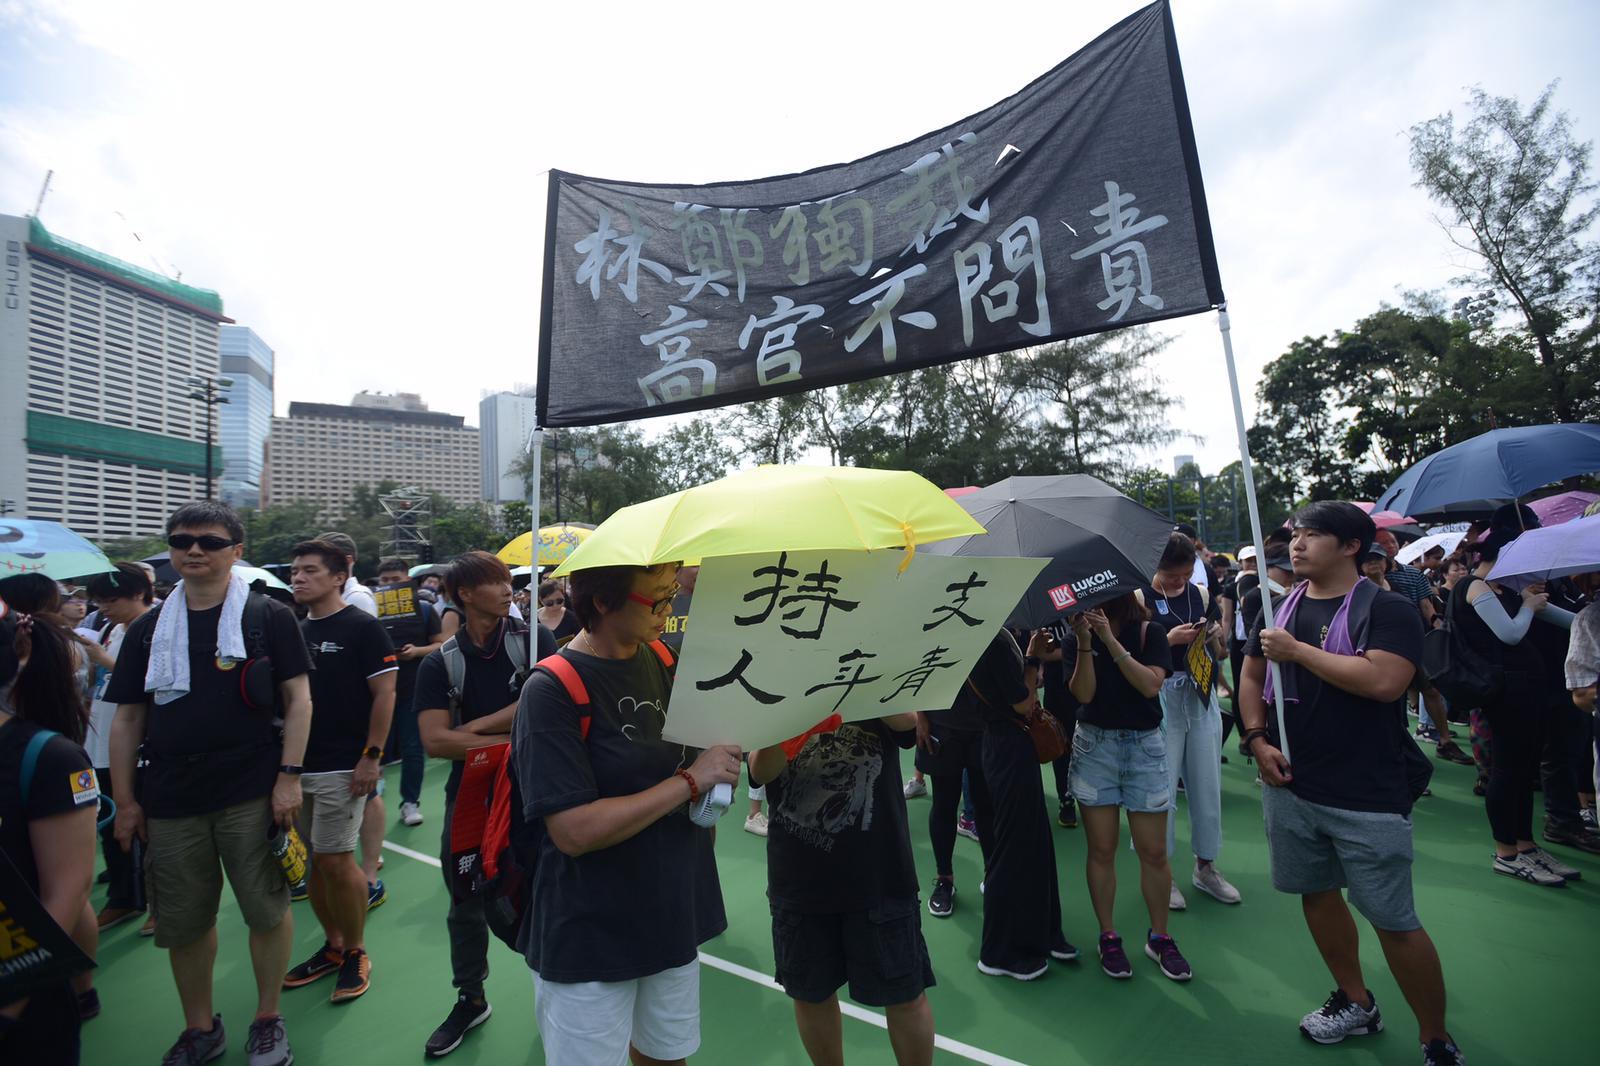 遊行人士帶同橫額和標語到場。